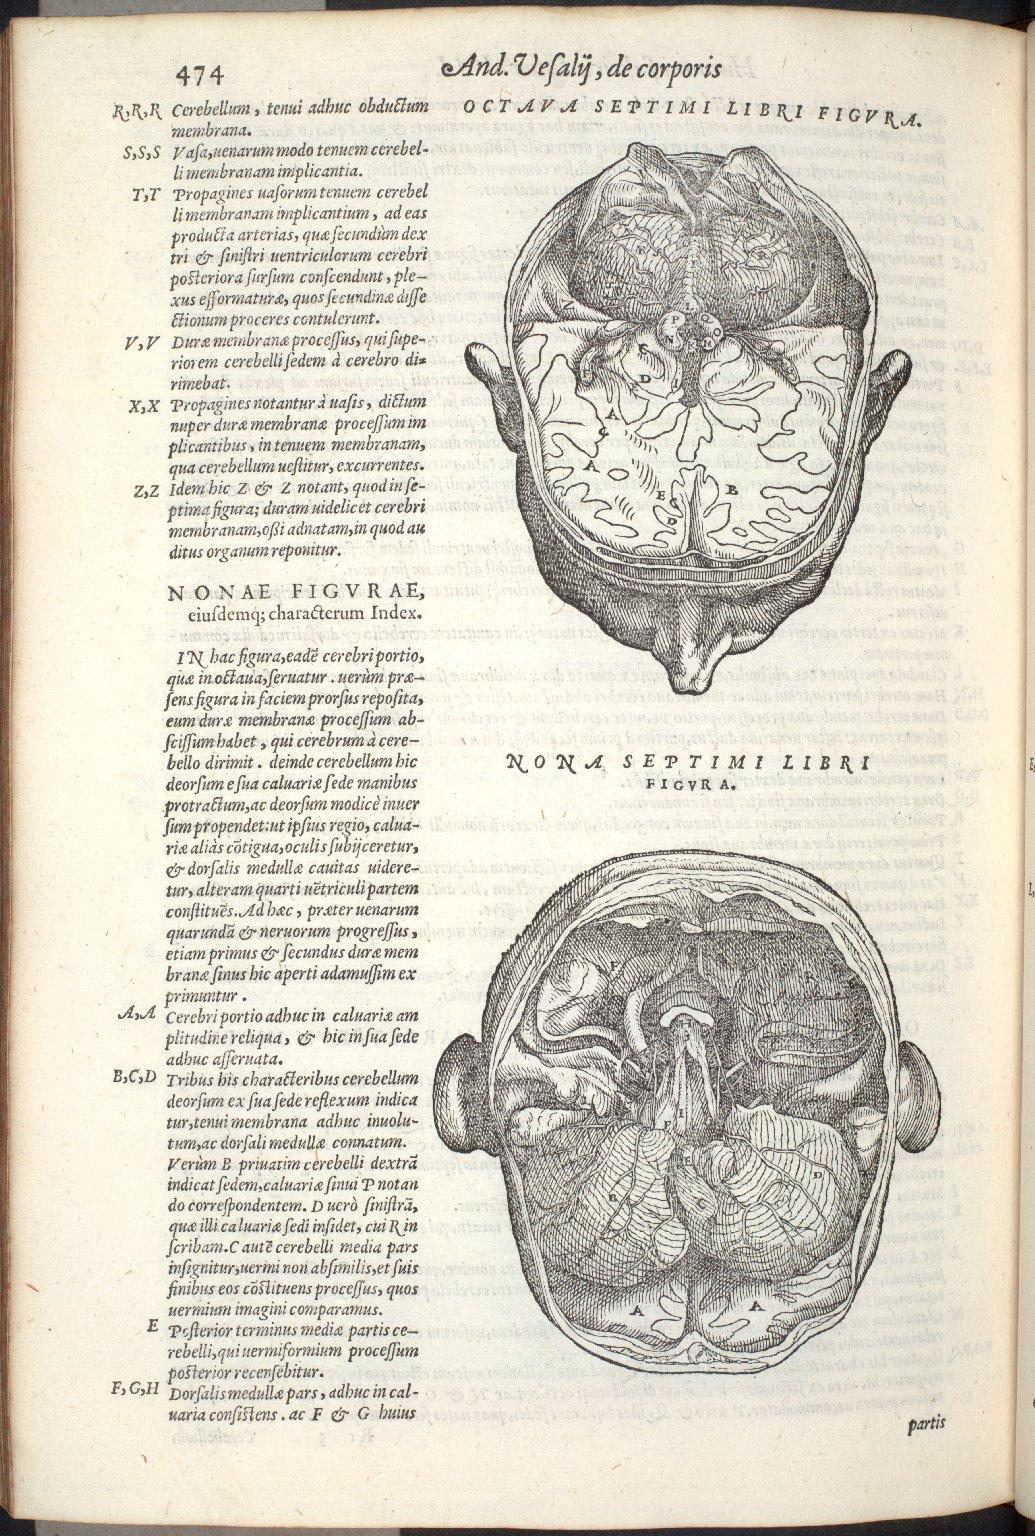 Octava Septimi Libri Figura, Nona Septimi Libri Figura